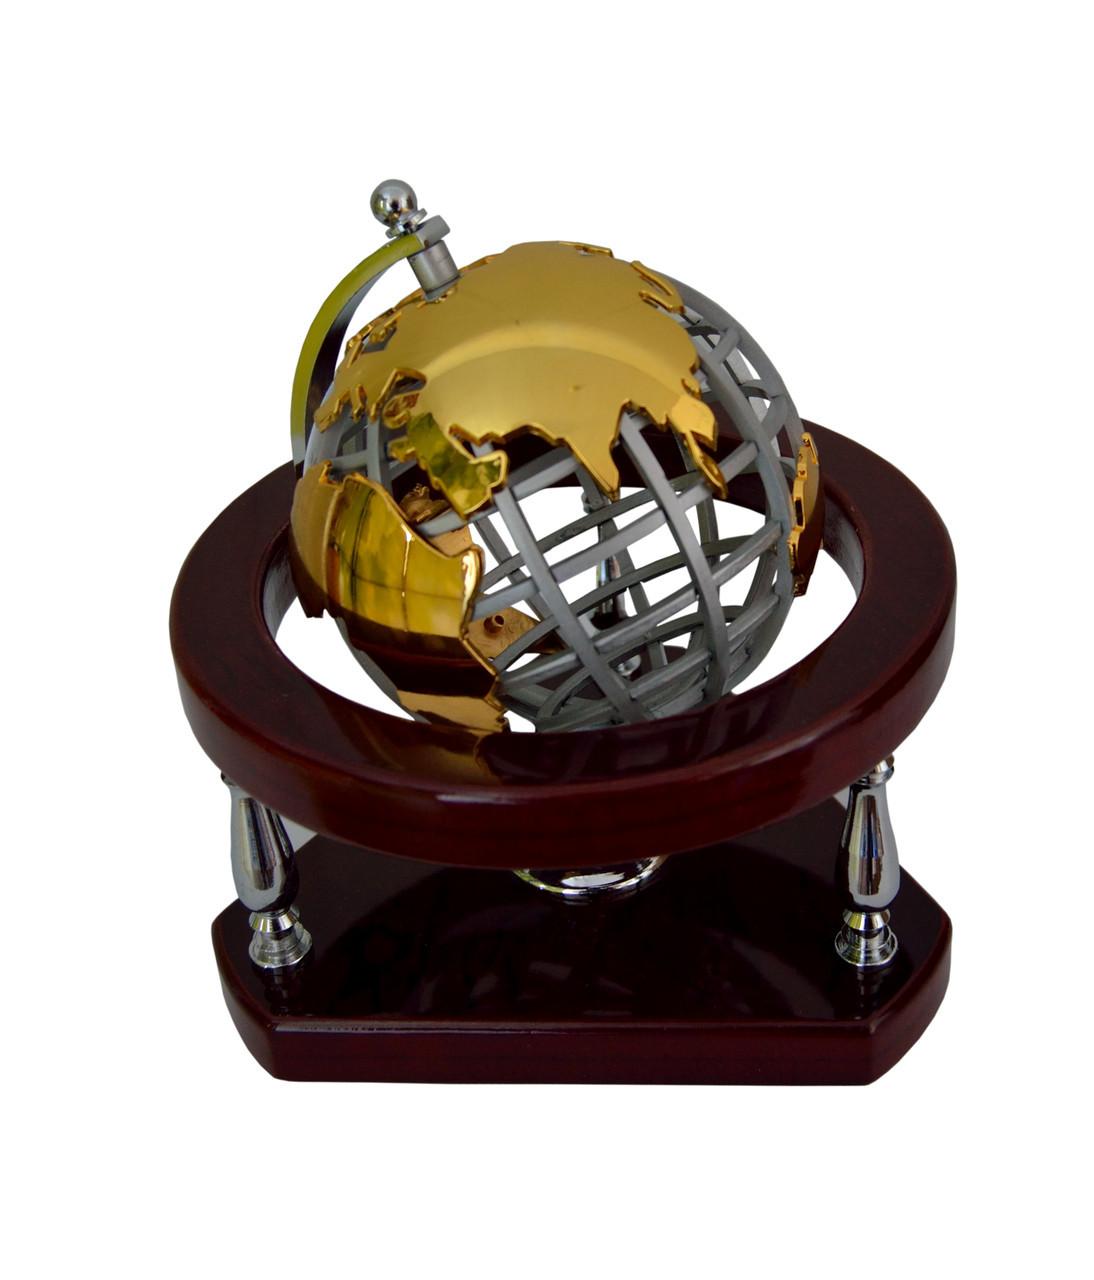 Офисный аксессуар, глобус настольный, подарок мужчине, 15112